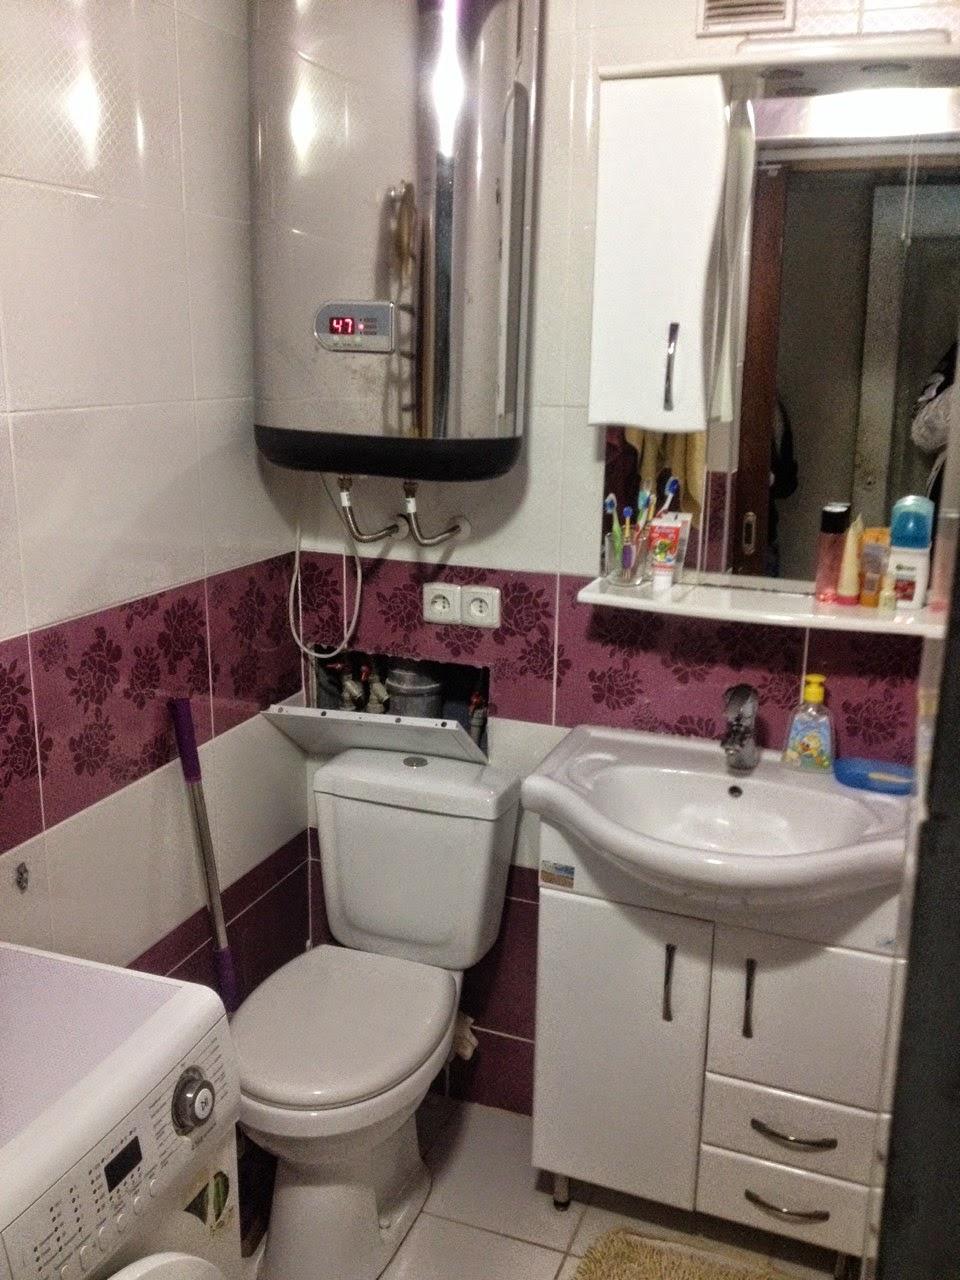 Продается  1 комнатная квартира на 9/9 дома по бульвару Маршала Василевского г. Кривой Рог